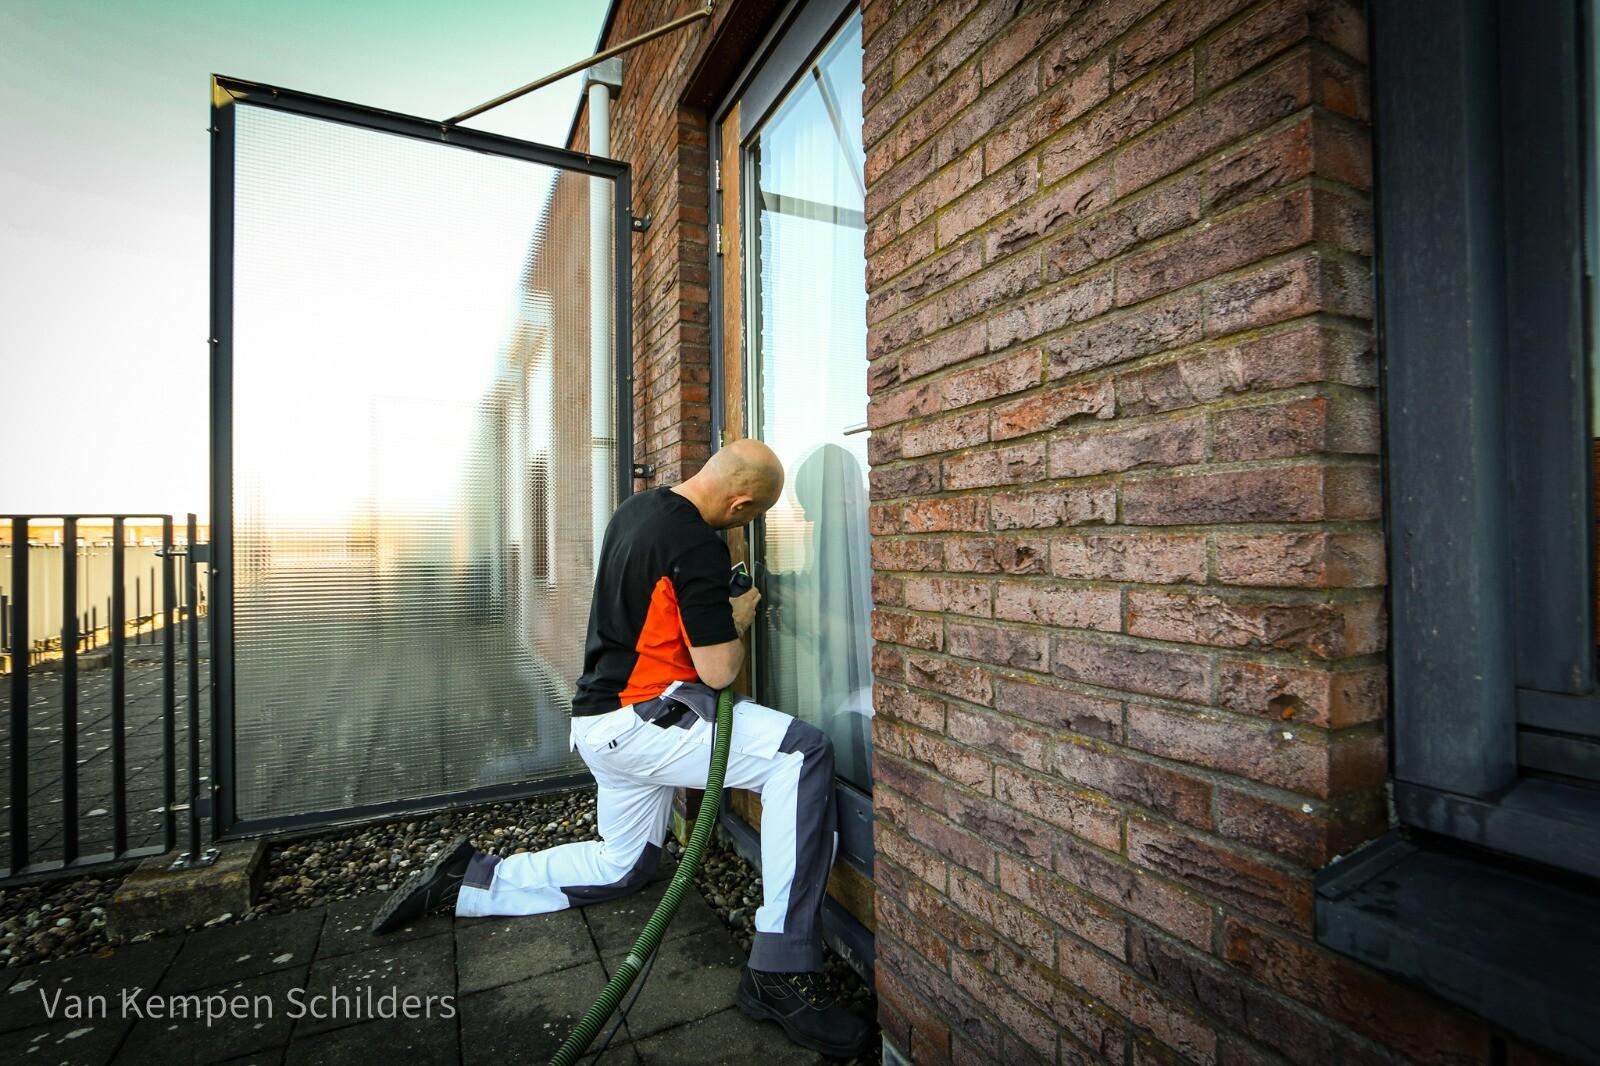 De schilder in Den Haag voor al uw schilderwerken! Woon je in Den Haag en zoek je een schildersbedrijf waar de klanten tevreden mee zijn? Nodig dan de schilder in Den Haag uit voor een gesprek!  https://schildersdenhaag.home.blog/